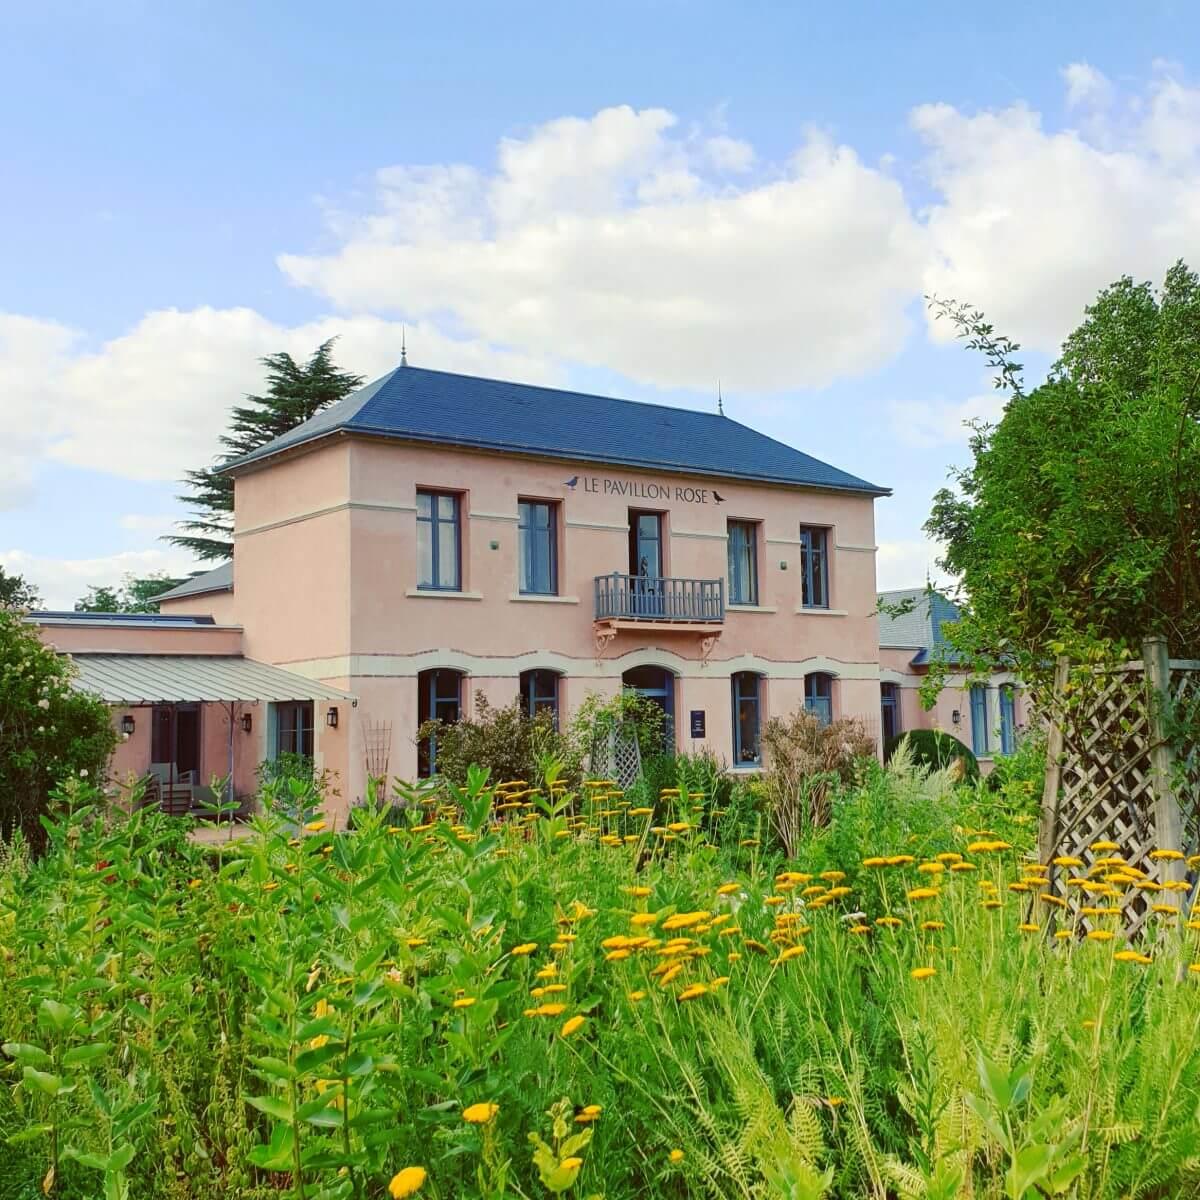 Le Pavillon Rose in La Roche-Posay op de grens van de Vienne en Indre-et-Loire